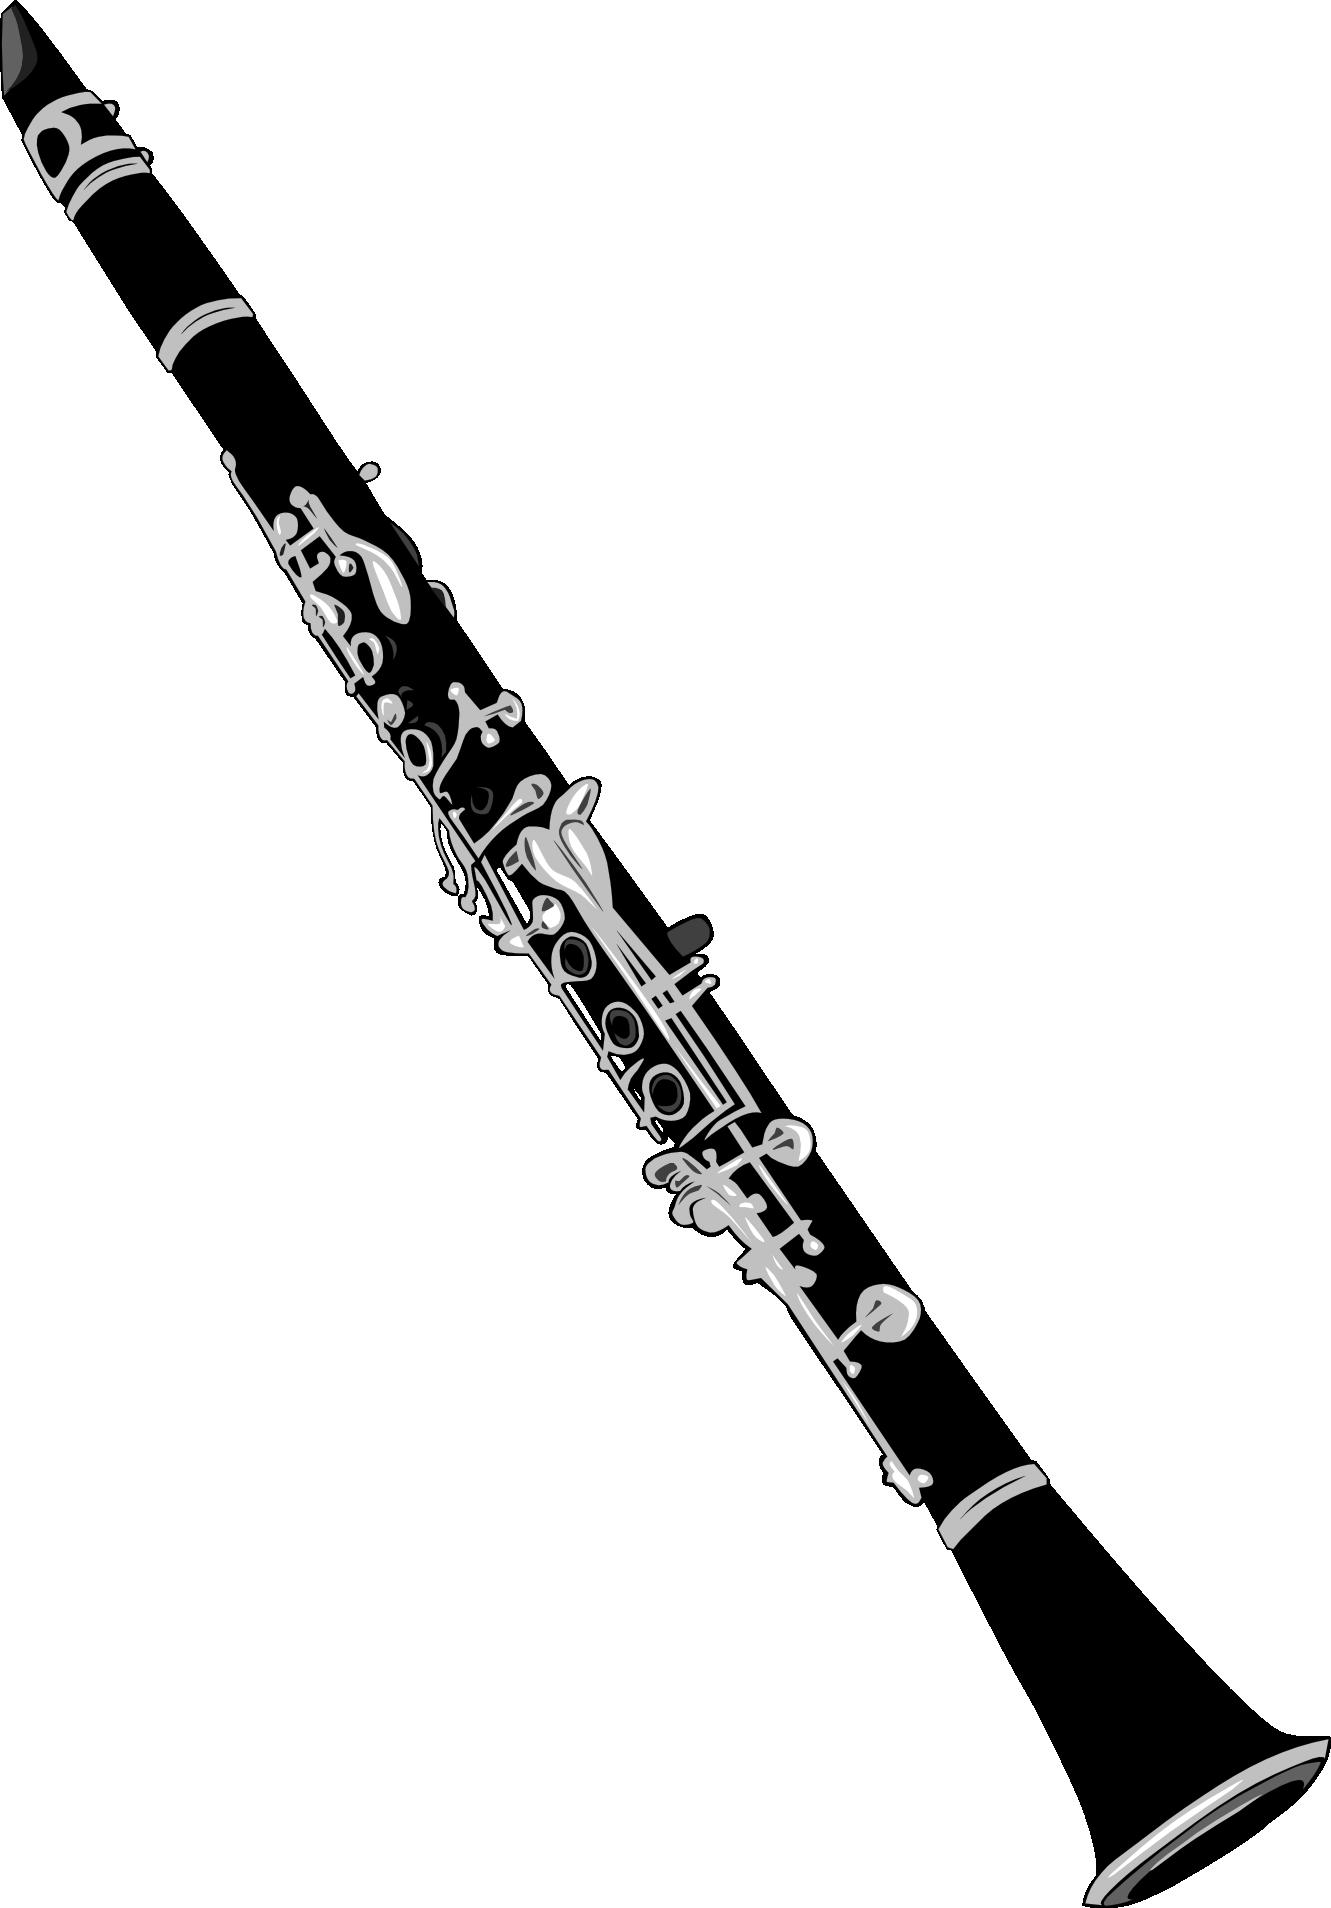 Panda free images clarinetclipart. Clarinet clipart cartoon